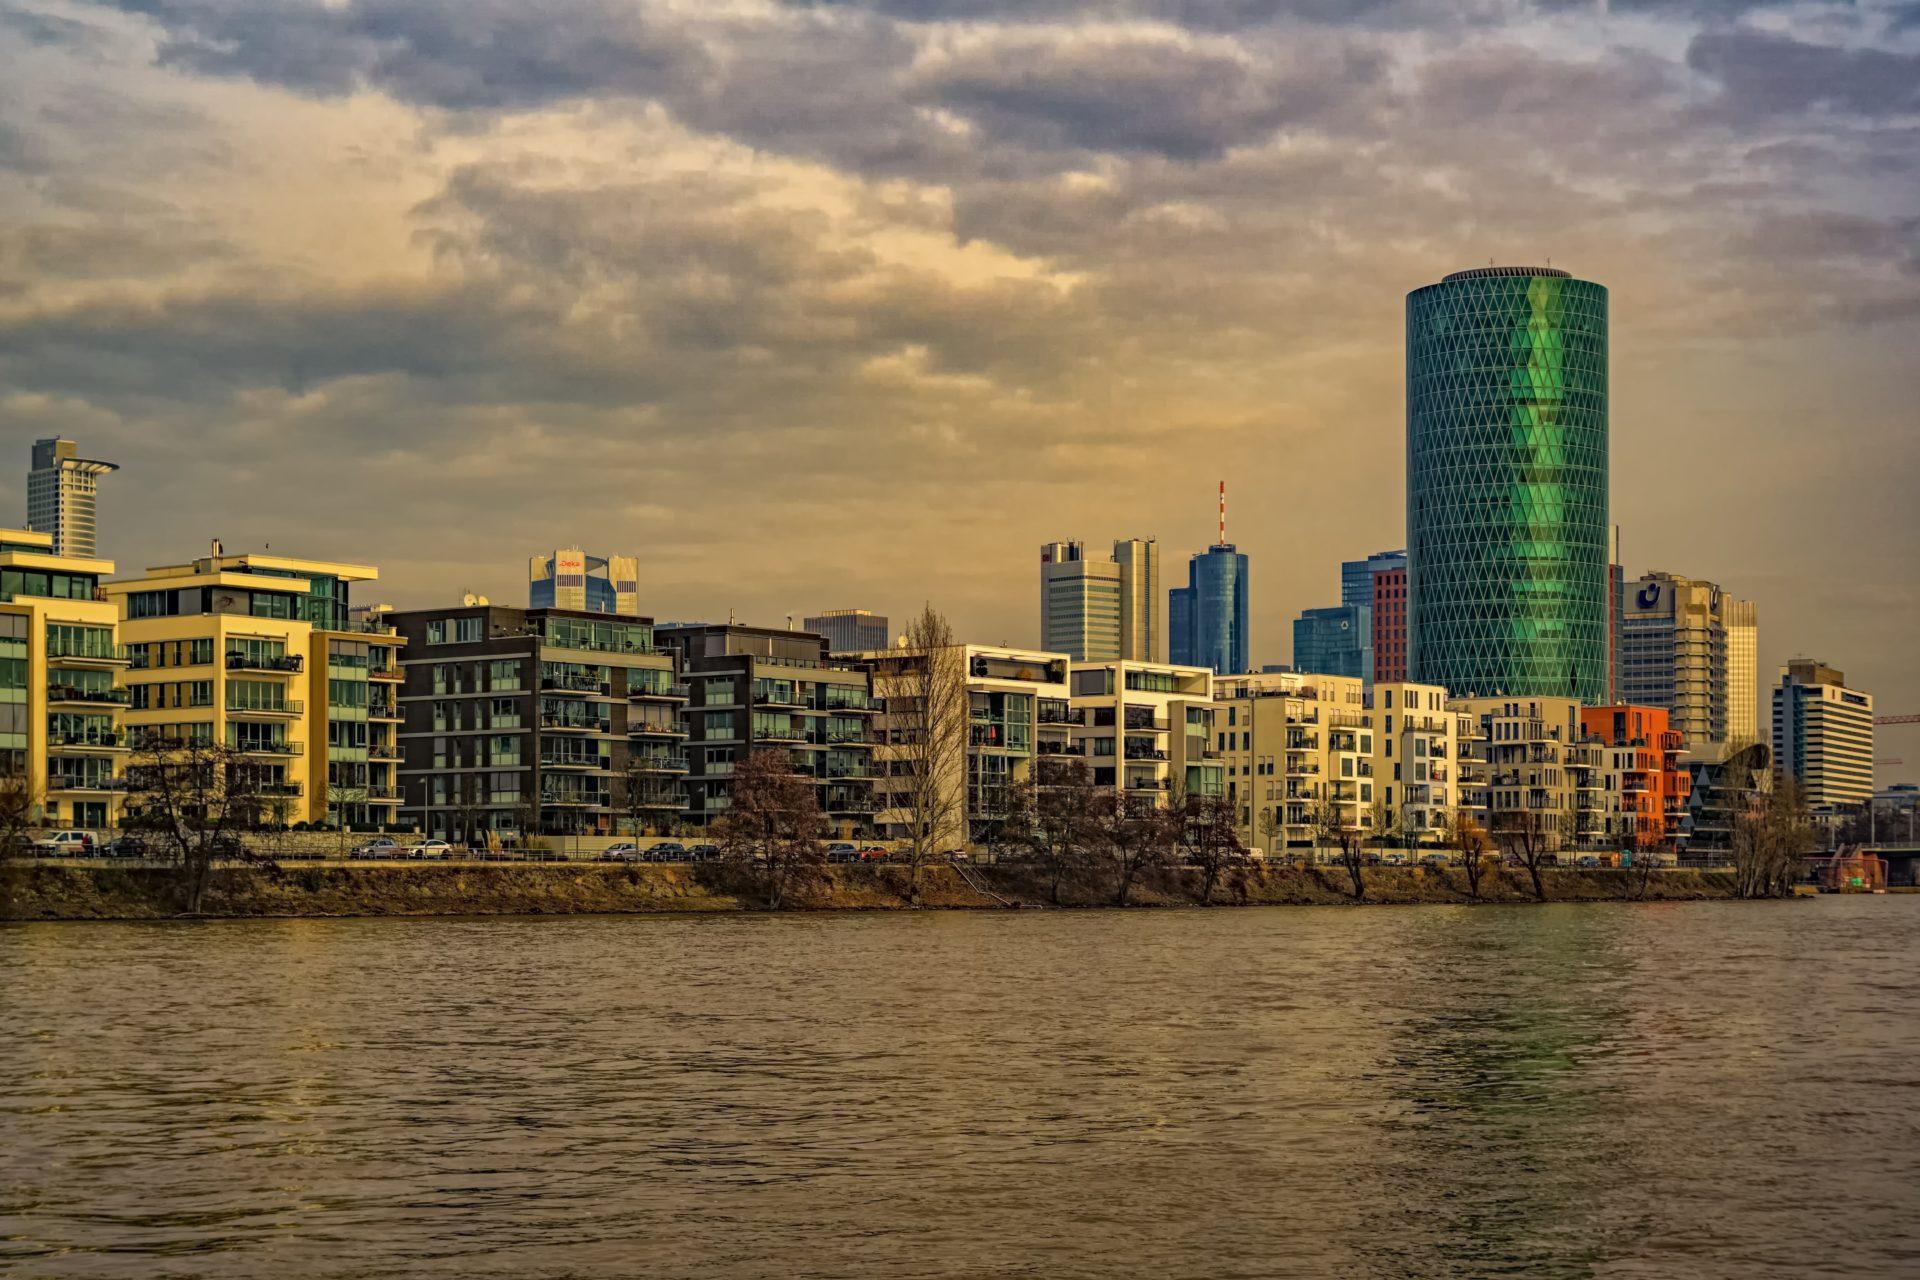 германская недвижимость и налоги при покупке